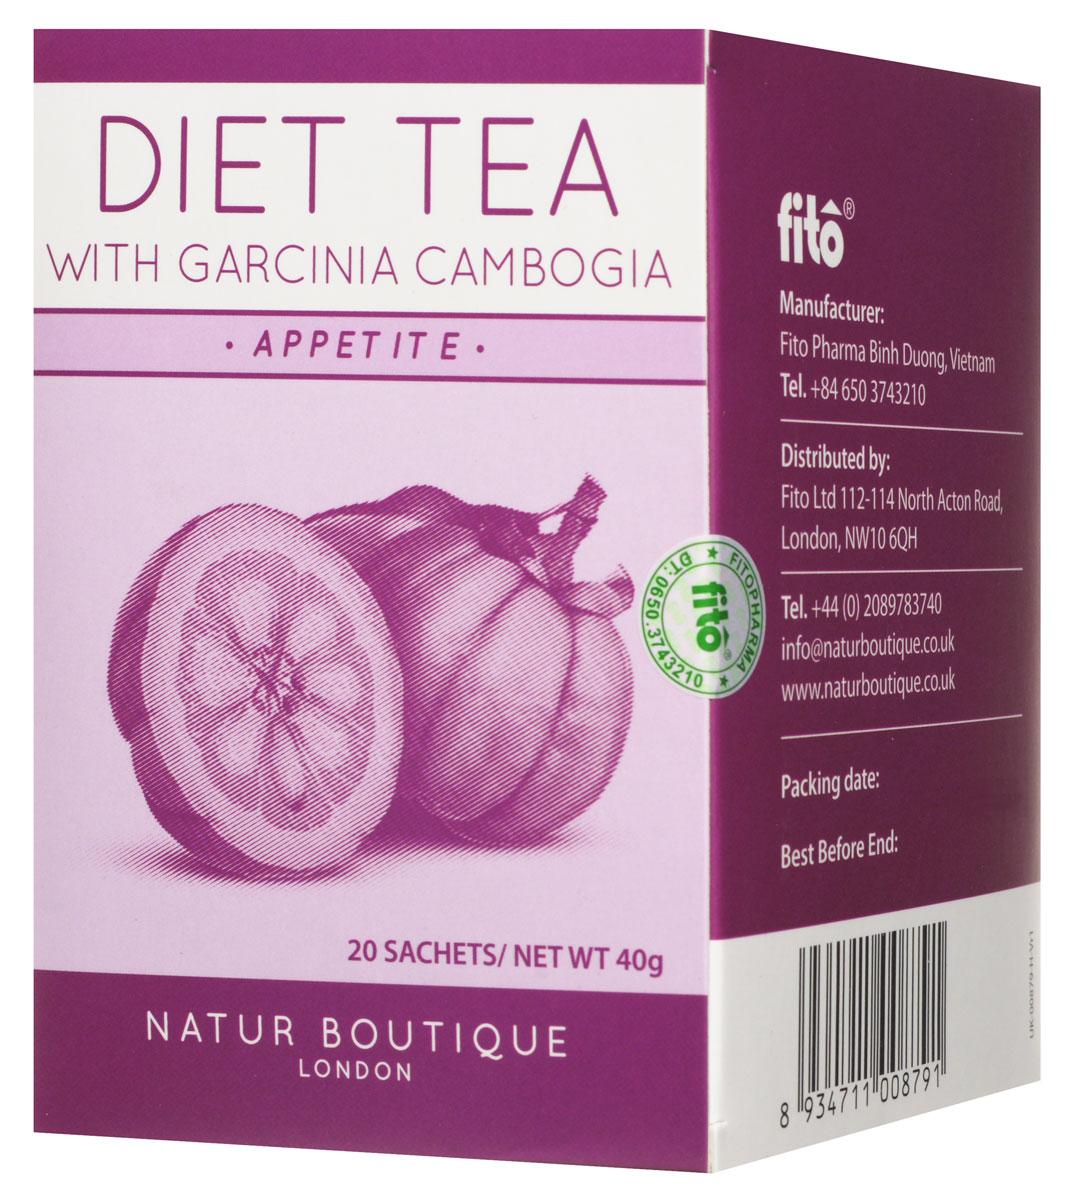 Natur Boutique Diet Tea With Garcinia Cambogia Organic Tea органический зеленый чай с гарцинией камбоджийской, 20 пакетиков257Чай Natur Boutique Diet Tea With Garcinia Cambogia Organic Tea сочетает в себе один из самых эффективных травяных наборов для похудения, включающий в себя гарцинию камбоджийскую. Этот цитрус применяется для похудения и понижение аппетита. Этот чай сочетает в себе четыре ингредиента, которые взаимодополняют друг друга для похудения. Гарциния камбоджийская содержит особые вещества в кожуре, которые препятствуют жировым отложениям. Зеленый чай известен своей способностью сжигать калории. Ортосифон помогает в очистке организме от шлаков через мочегонную систему. Также в состав включена солодка, чтобы не было необходимости добавлять сахар.